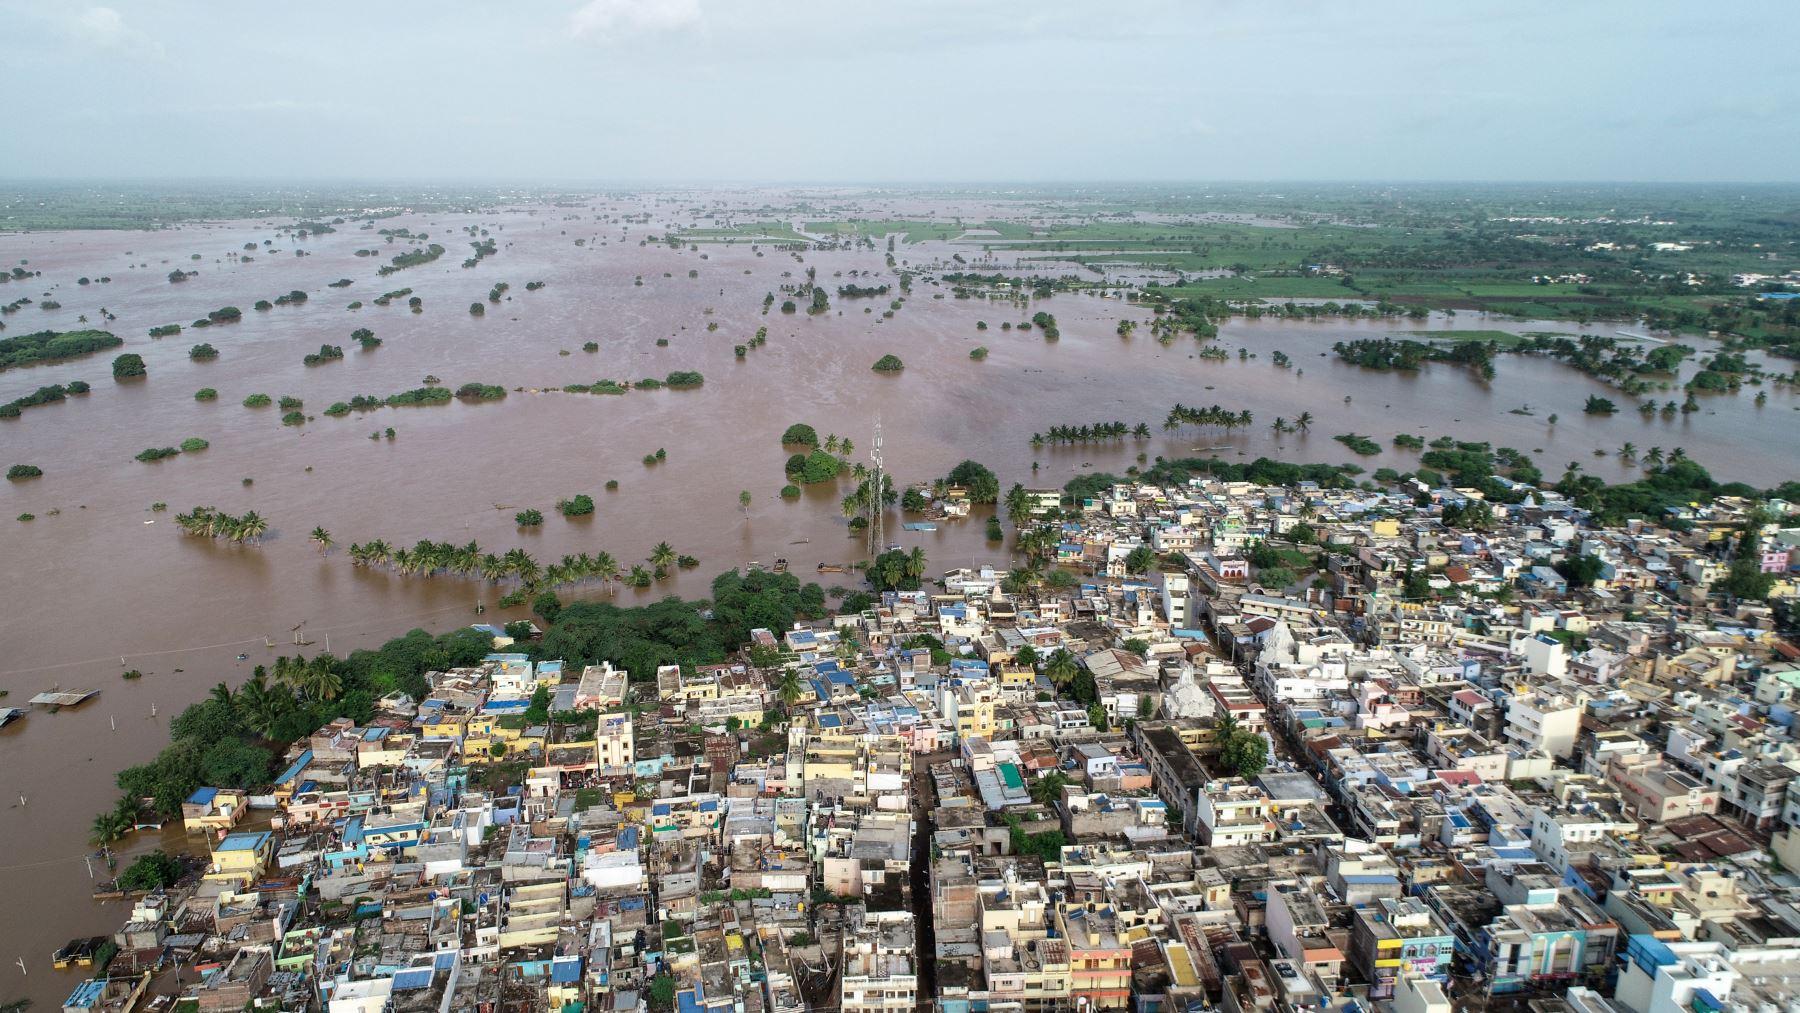 Las inundaciones han matado al menos a 100 personas. y desplazaron a cientos de miles en gran parte de la India con el estado más afectado del sur Kerala. AFP